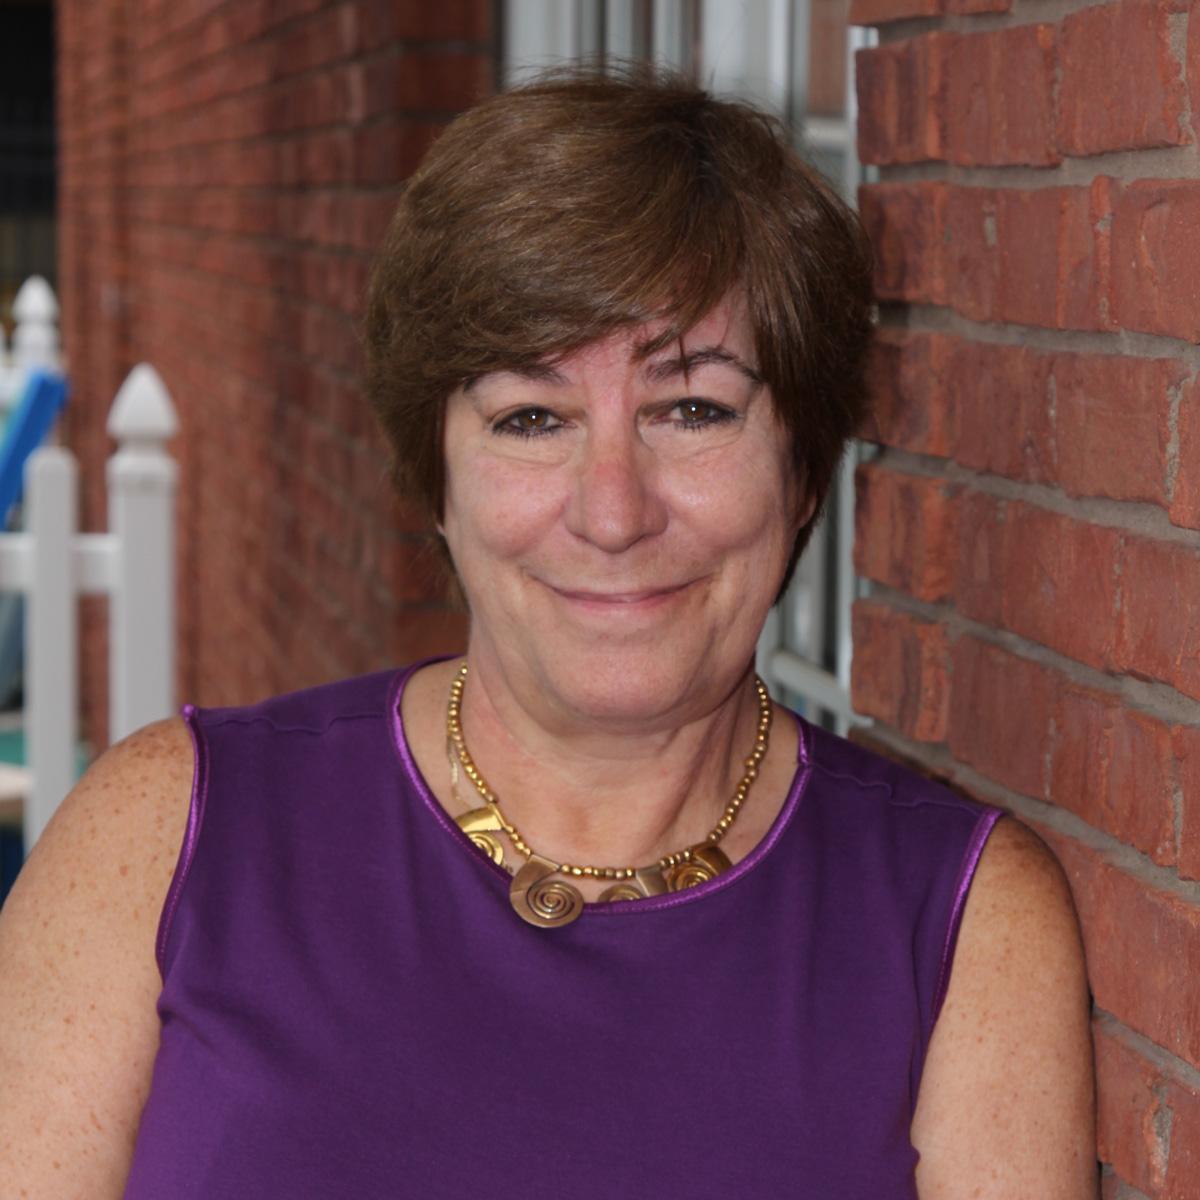 Sue Barlow